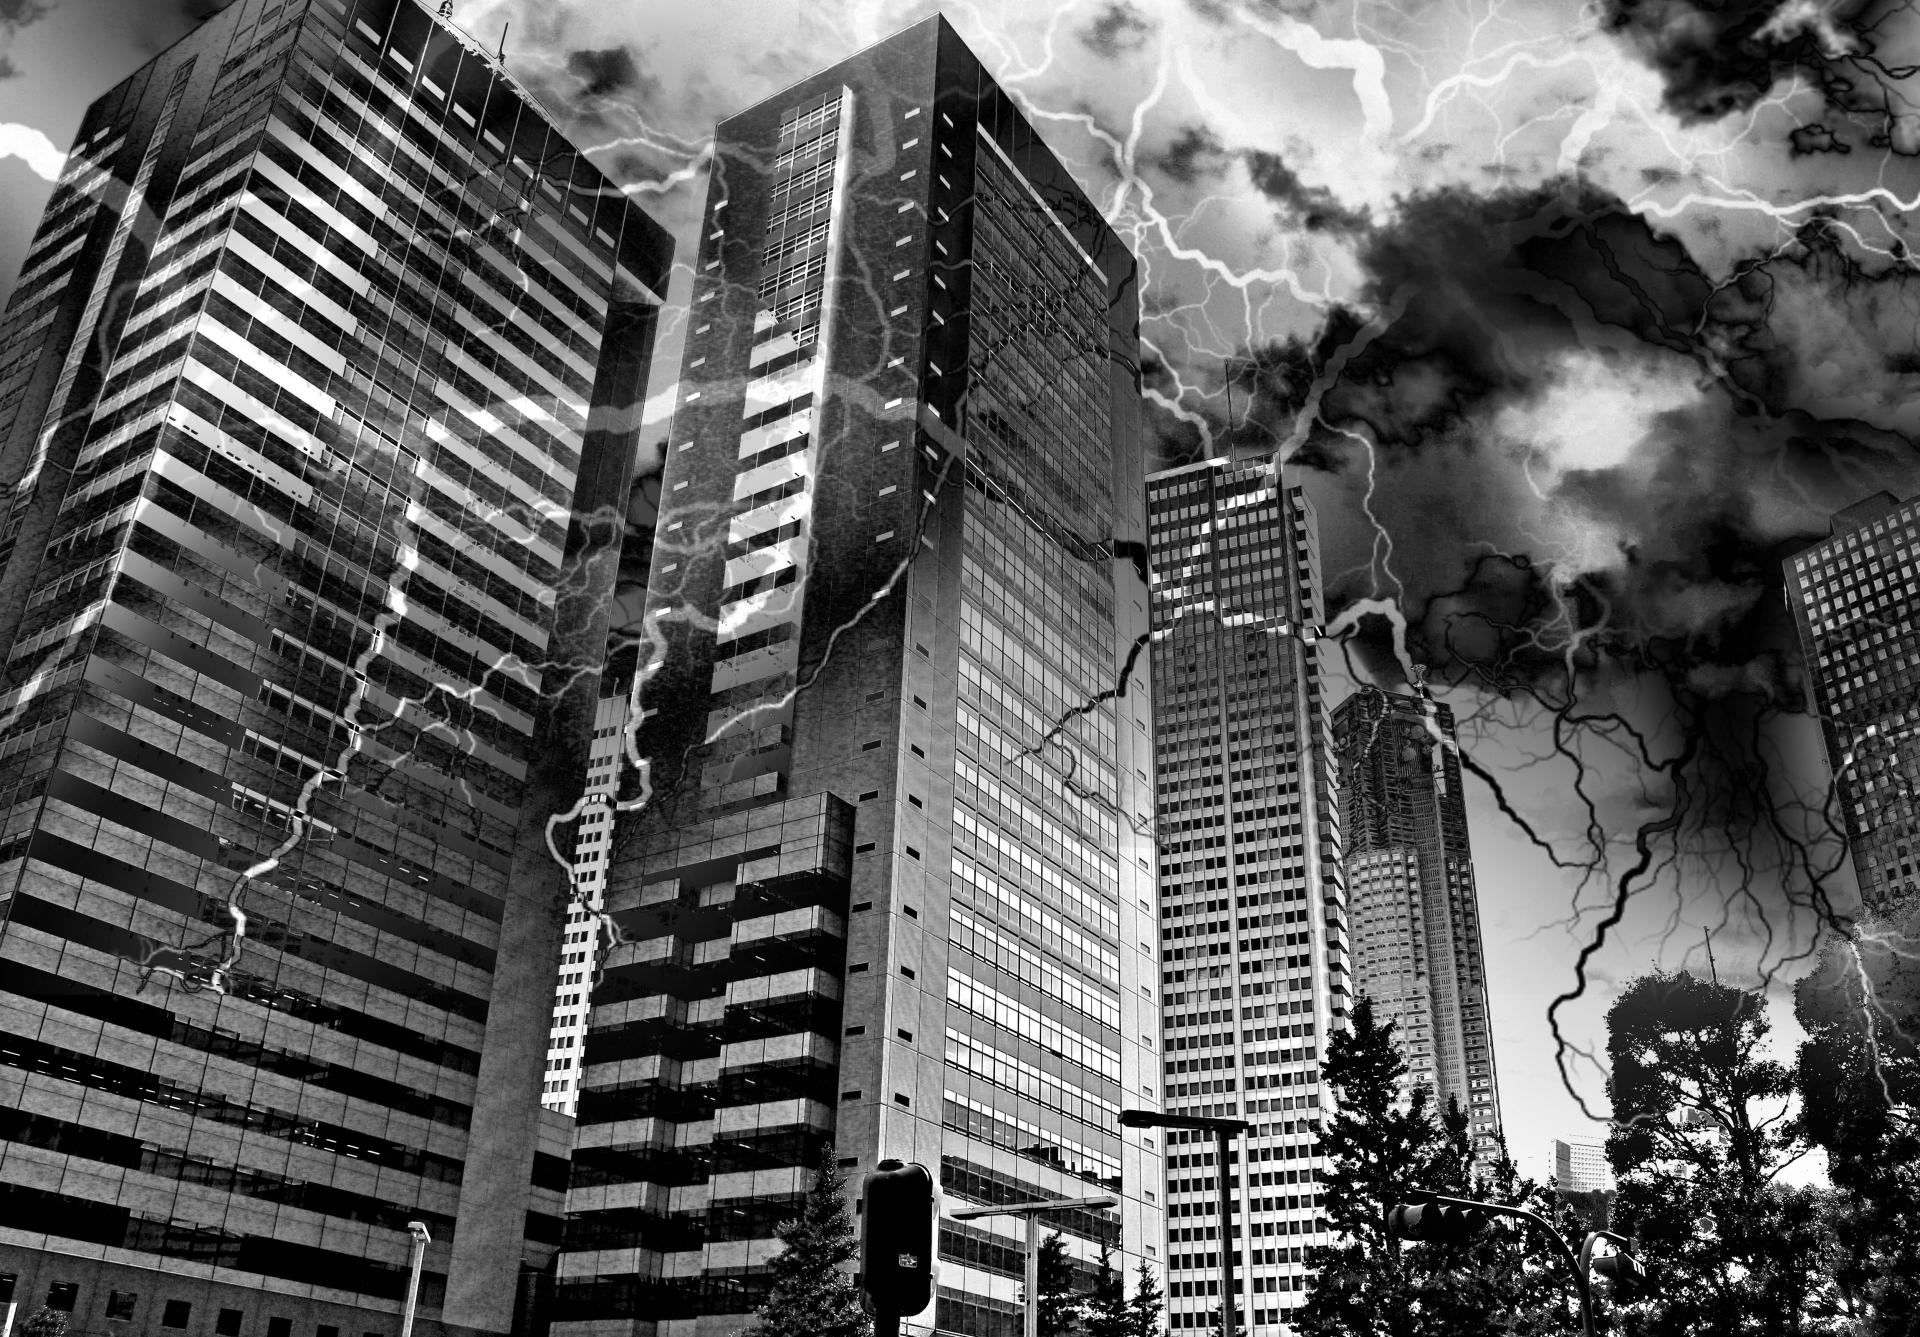 タワーマンション地震の影響